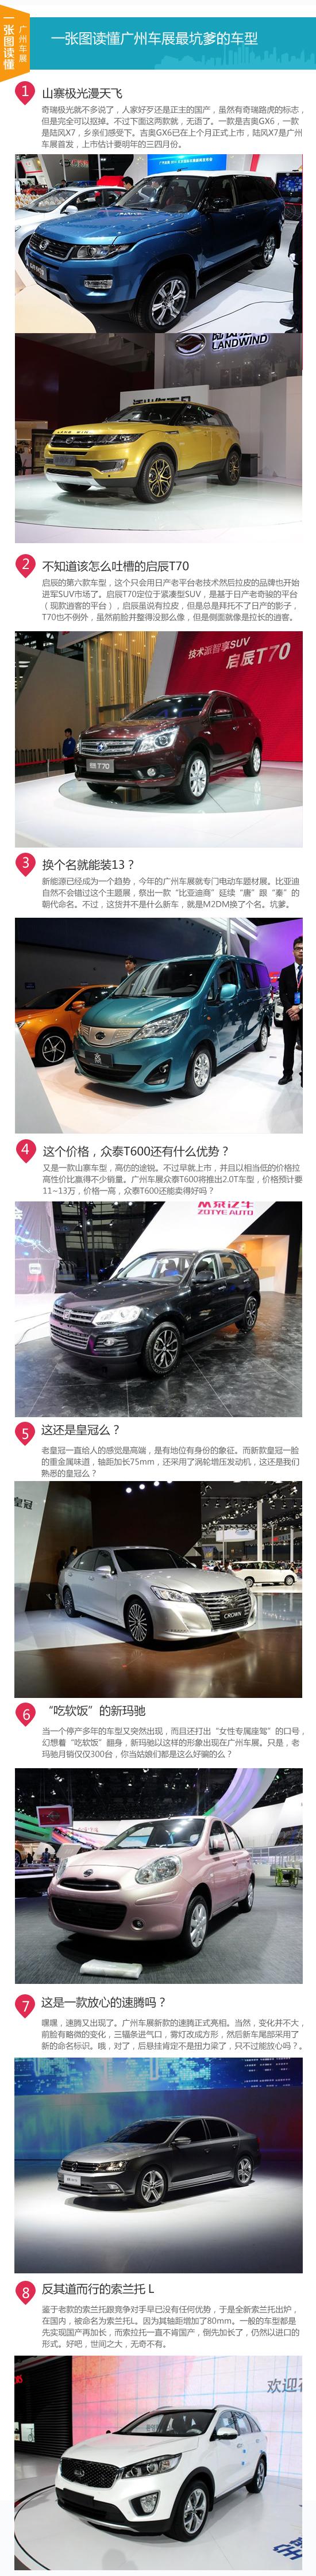 一张图读懂广州车展最坑爹8款车型